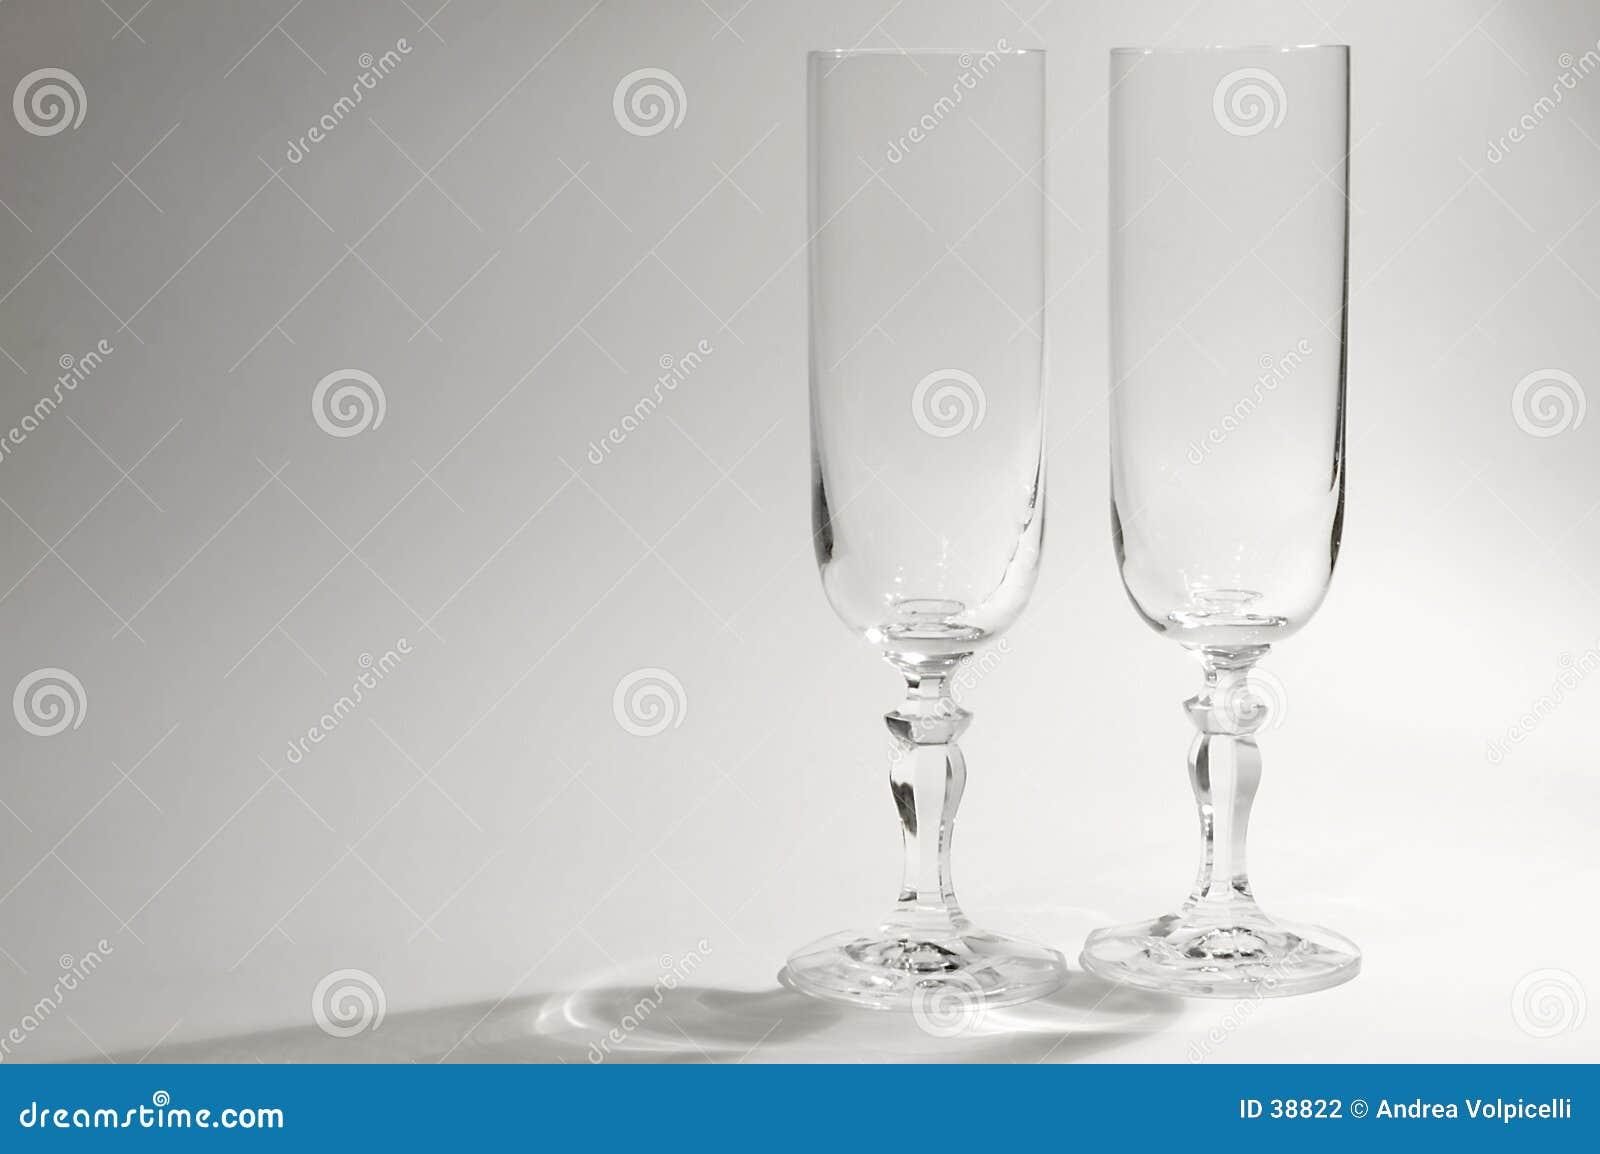 Twin glasses